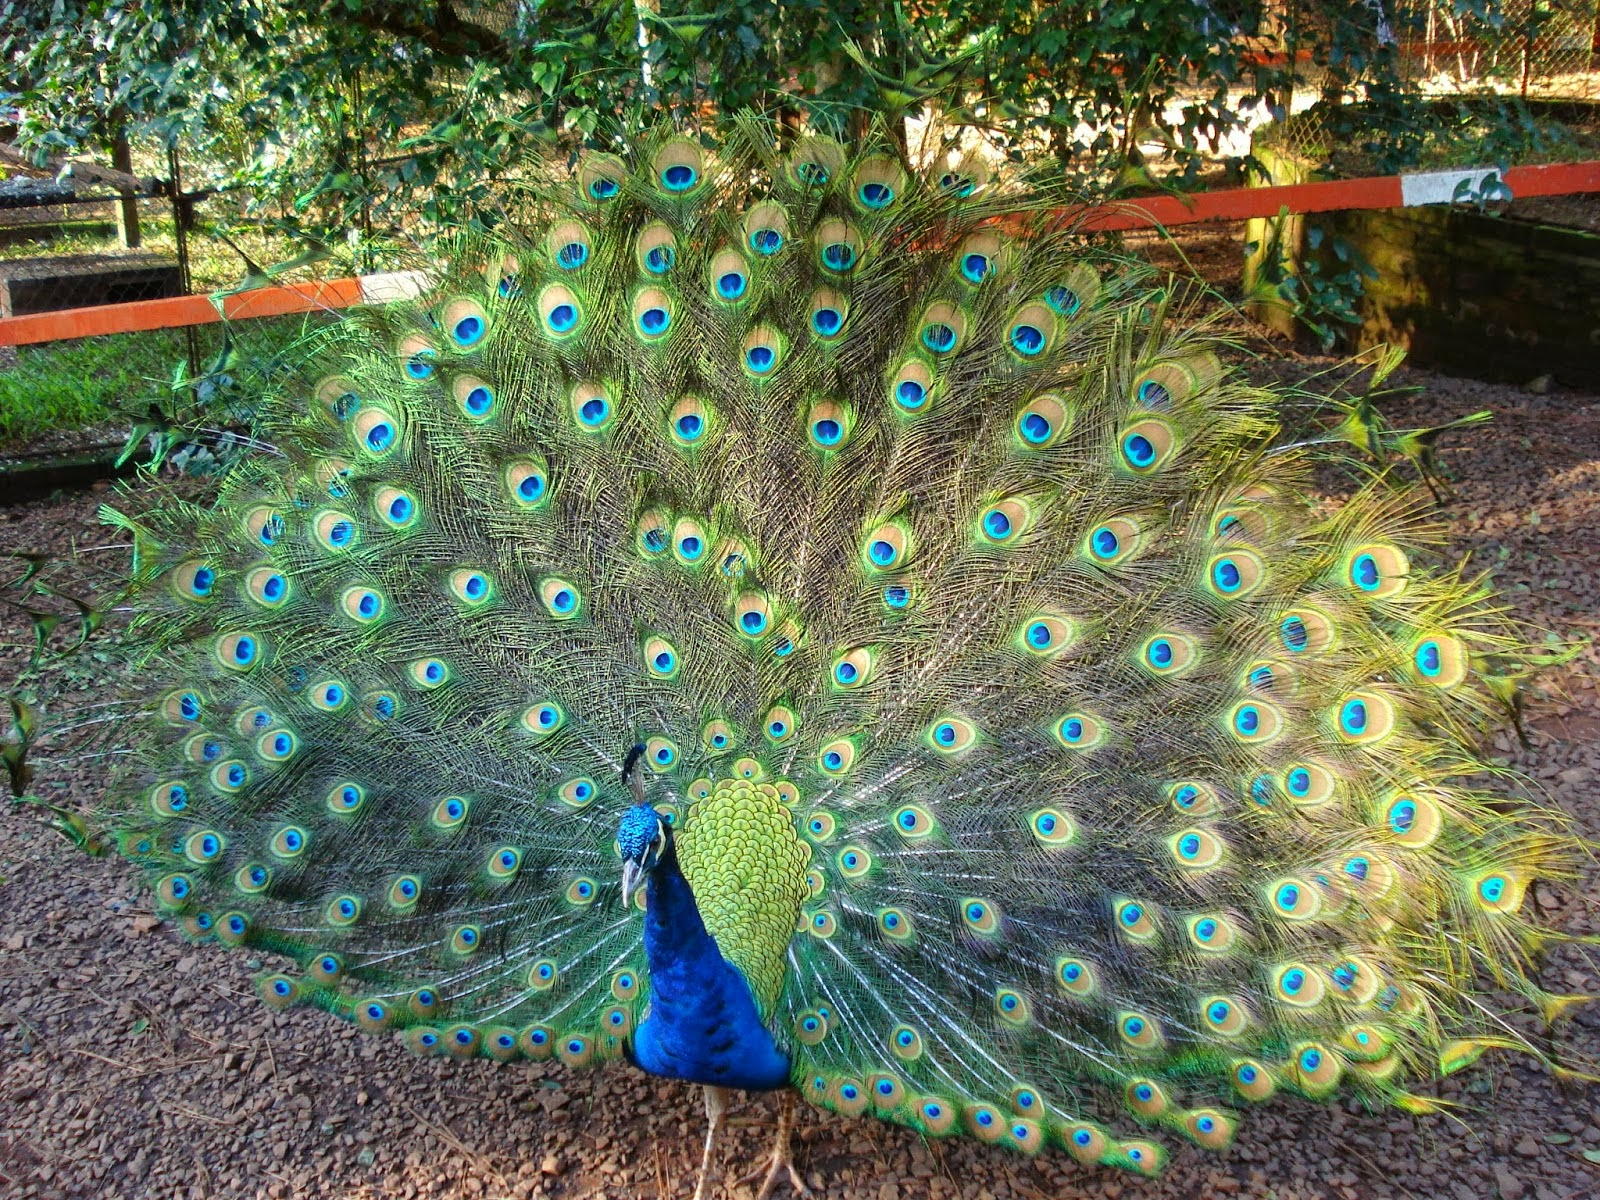 Im genes de p jaros y aves ex ticas aves ex ticas - Fotos de un pavo real ...